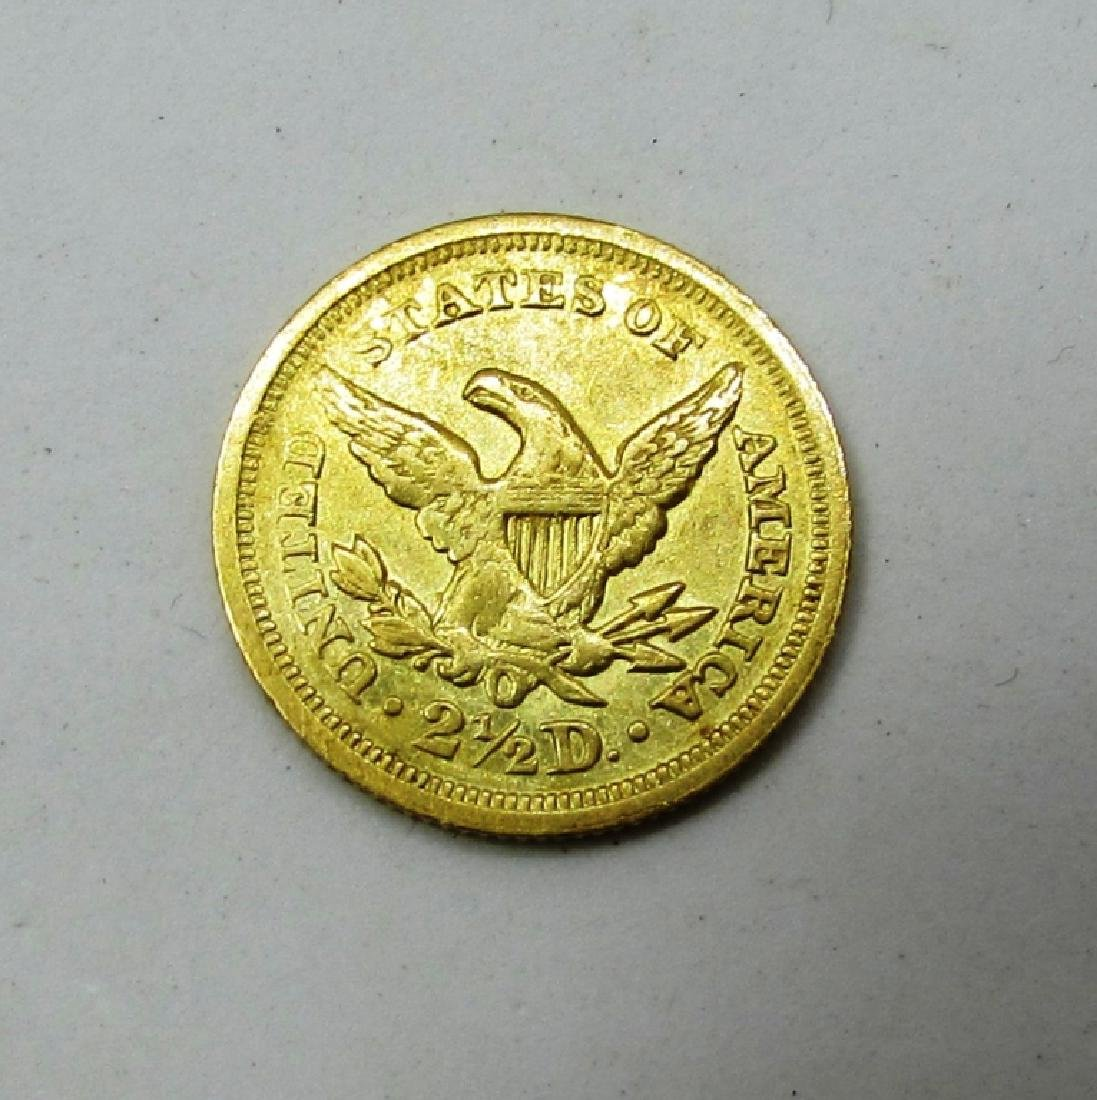 1850 O MINT US 2 1/2 DOLLAR GOLD COIN - 2